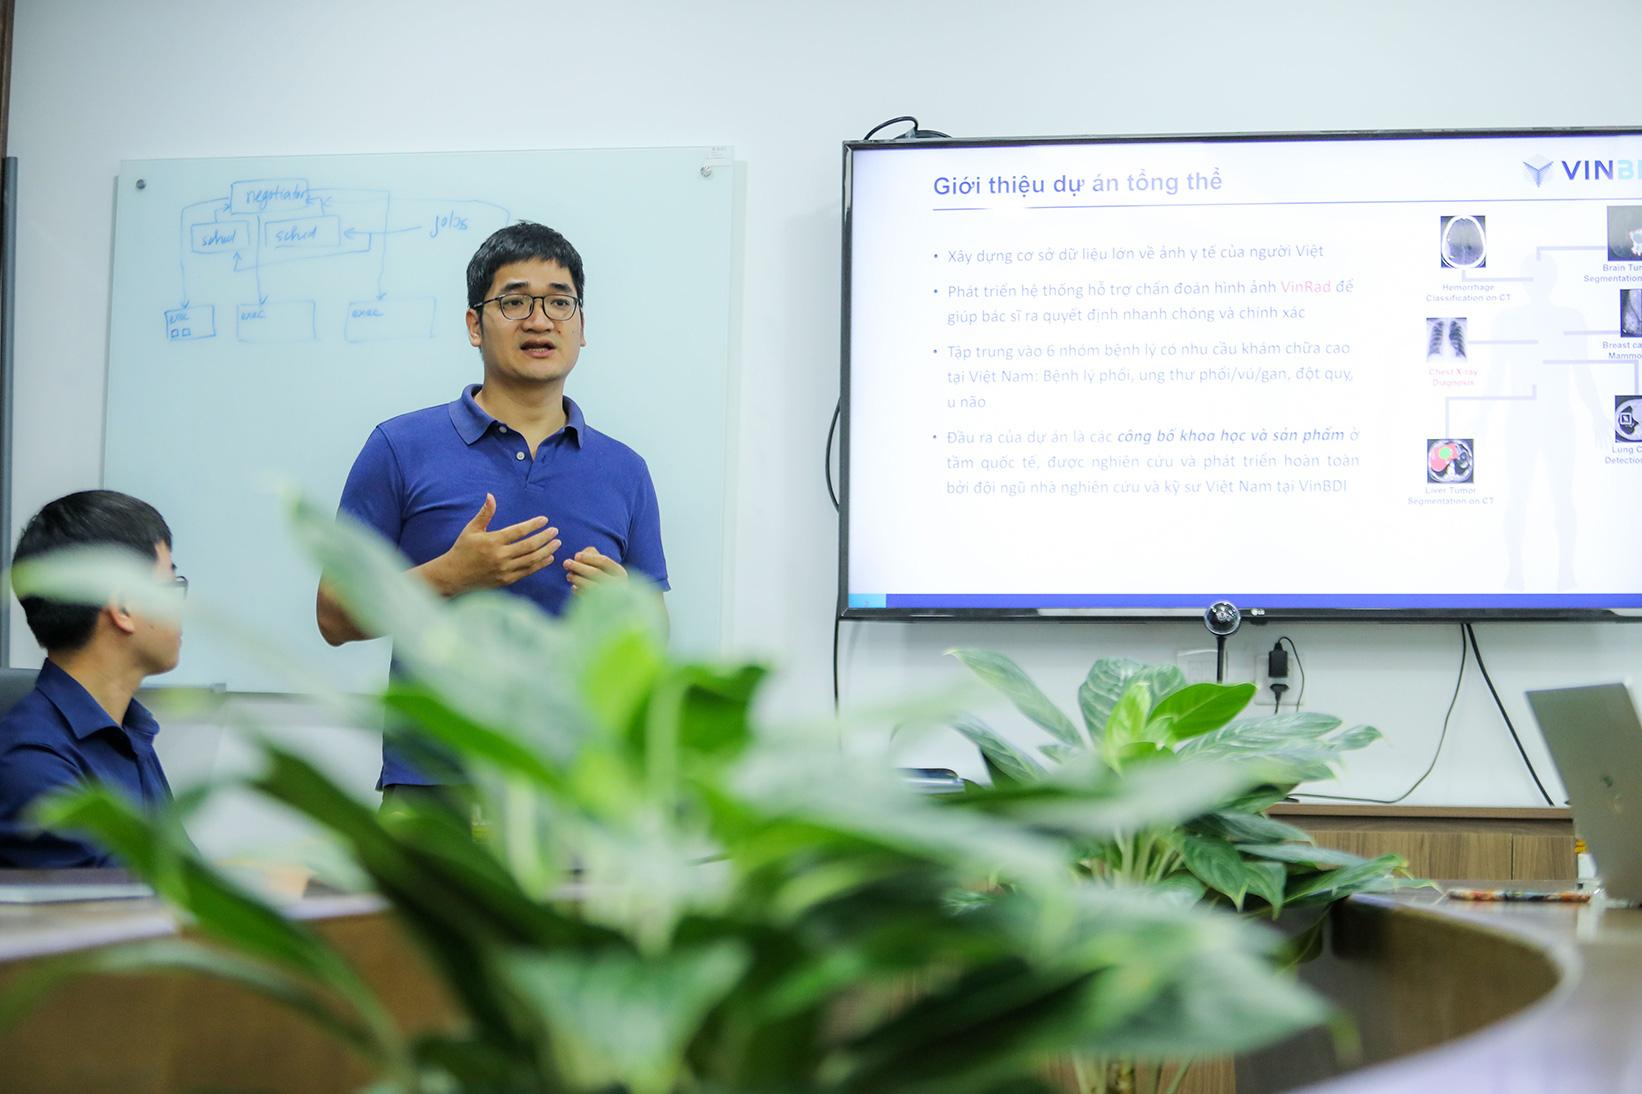 Bước tiến mới đưa trí tuệ nhân tạo vào chẩn đoán hình ảnh y tế tại Việt Nam - Ảnh 3.